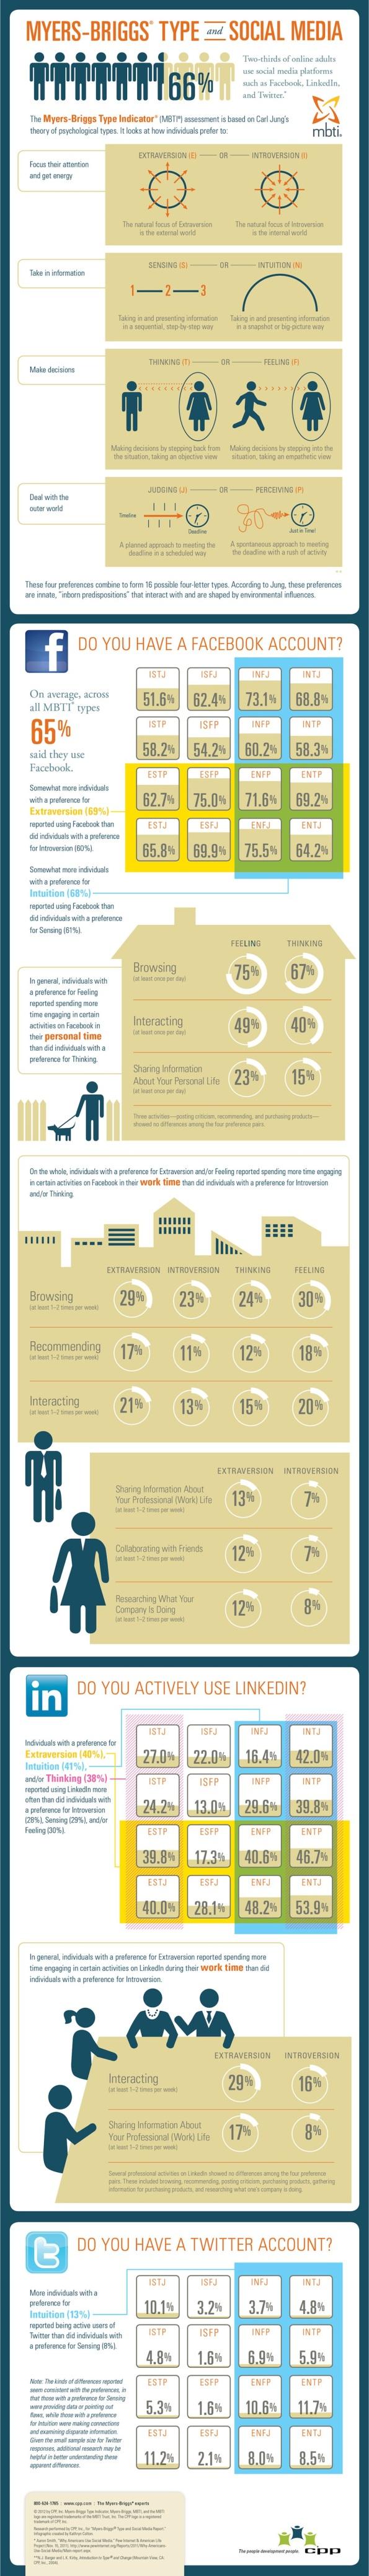 Qué personalidad social media tiene usted Infografía